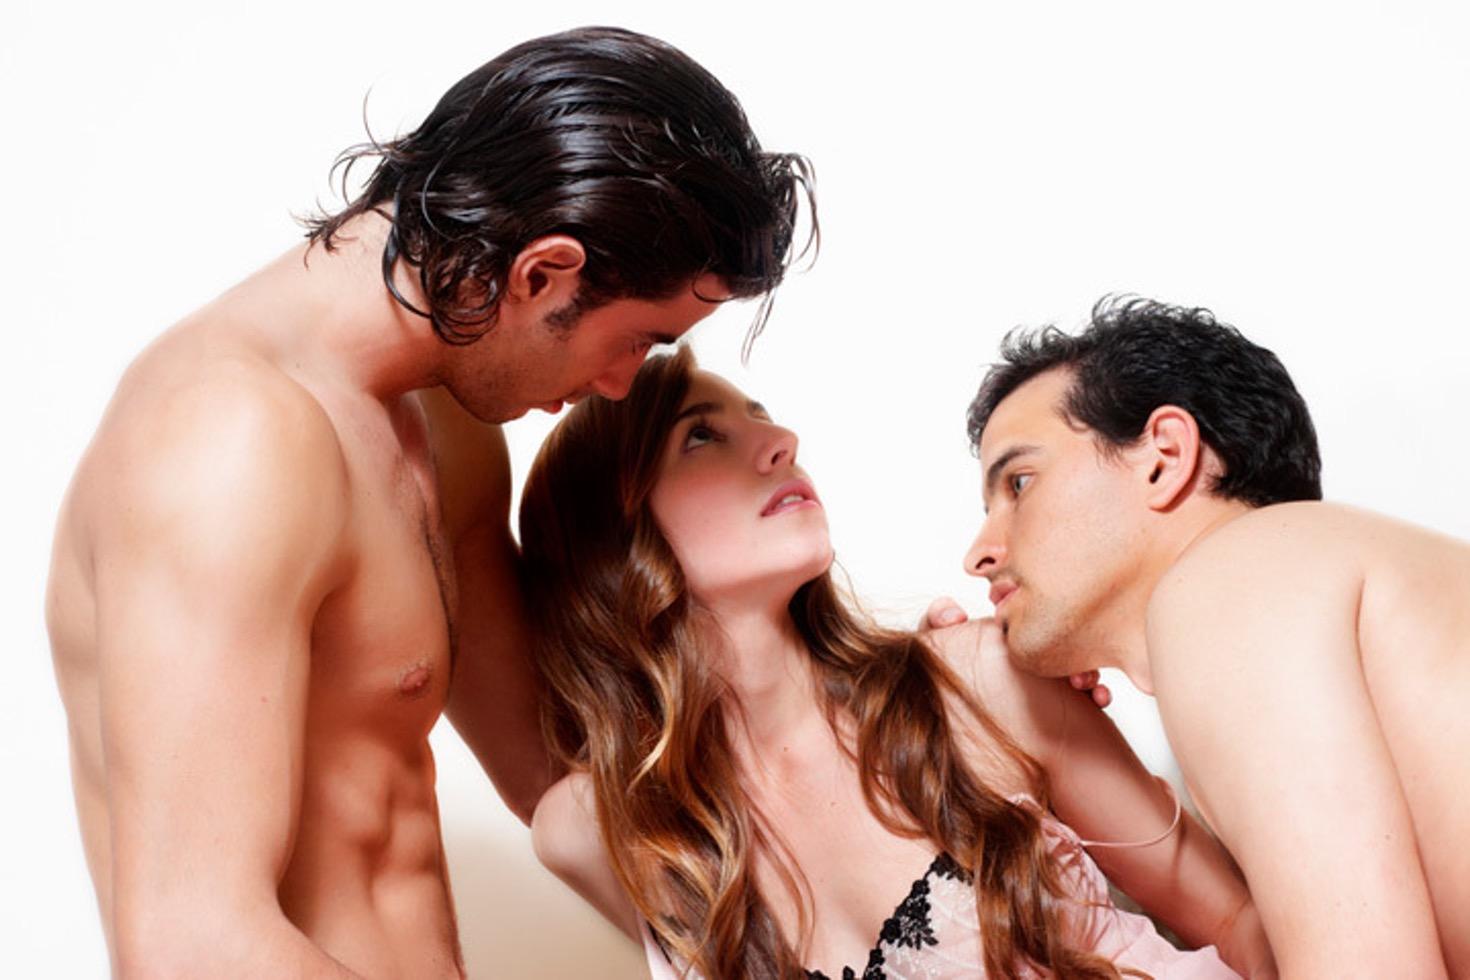 Le 15 regole per affrontare il sesso a tre